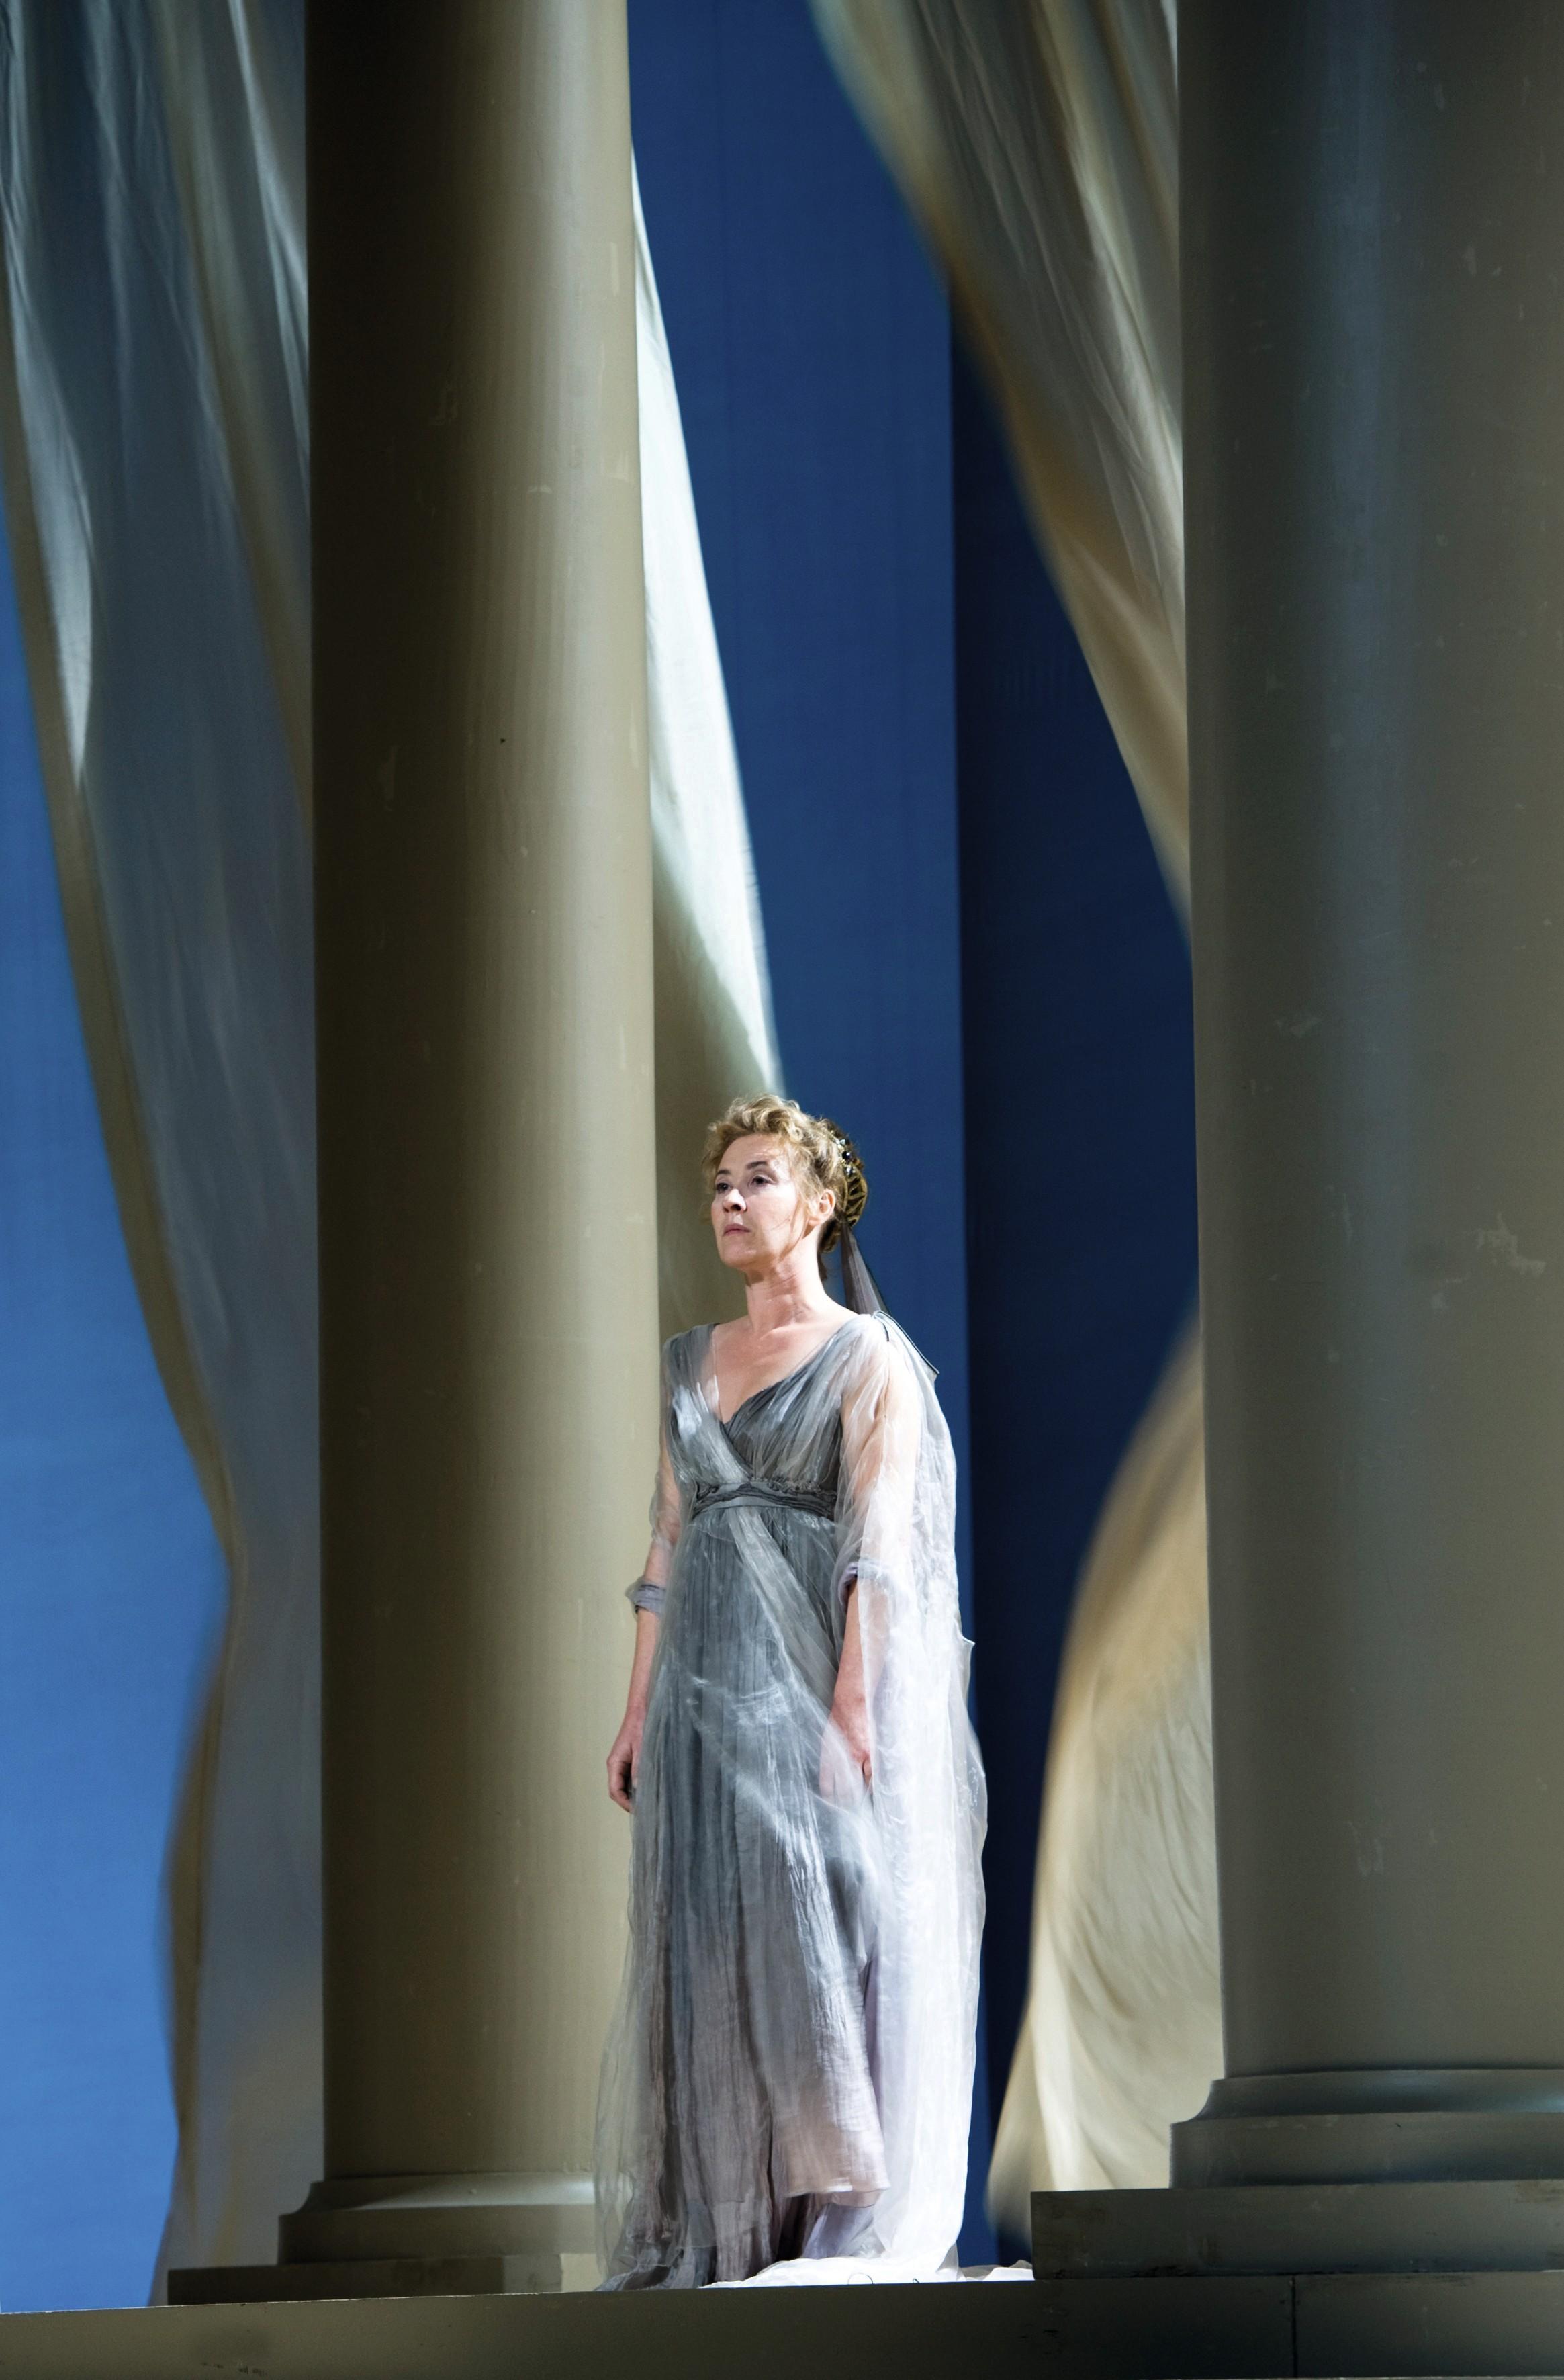 Andromaque, mise en scène de Muriel Mayette- Holtz, Paris, 2010.